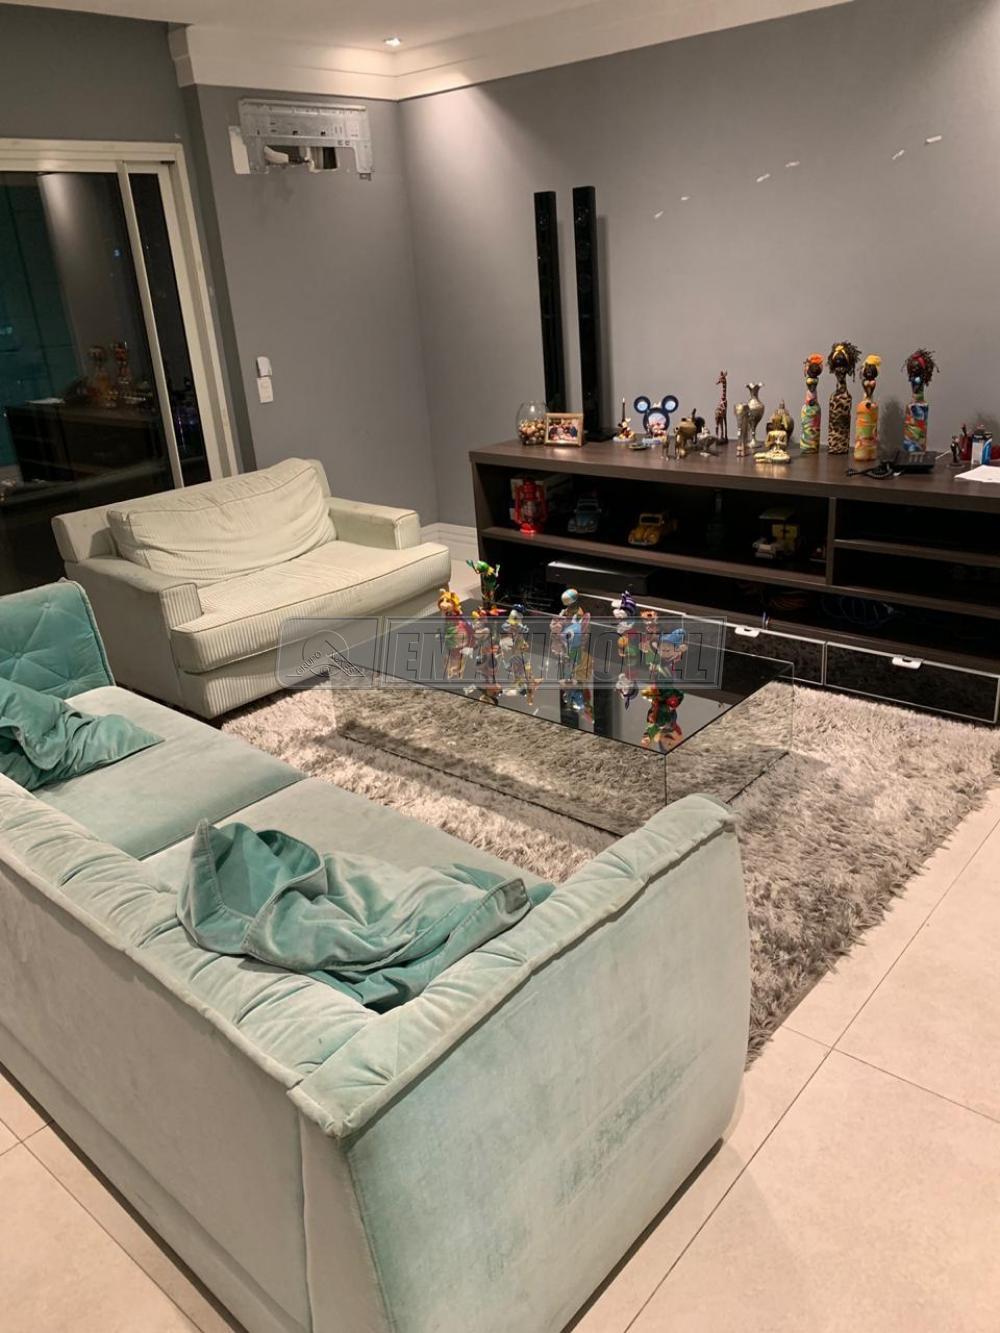 Comprar Apartamentos / Apto Padrão em Sorocaba apenas R$ 2.500.000,00 - Foto 2